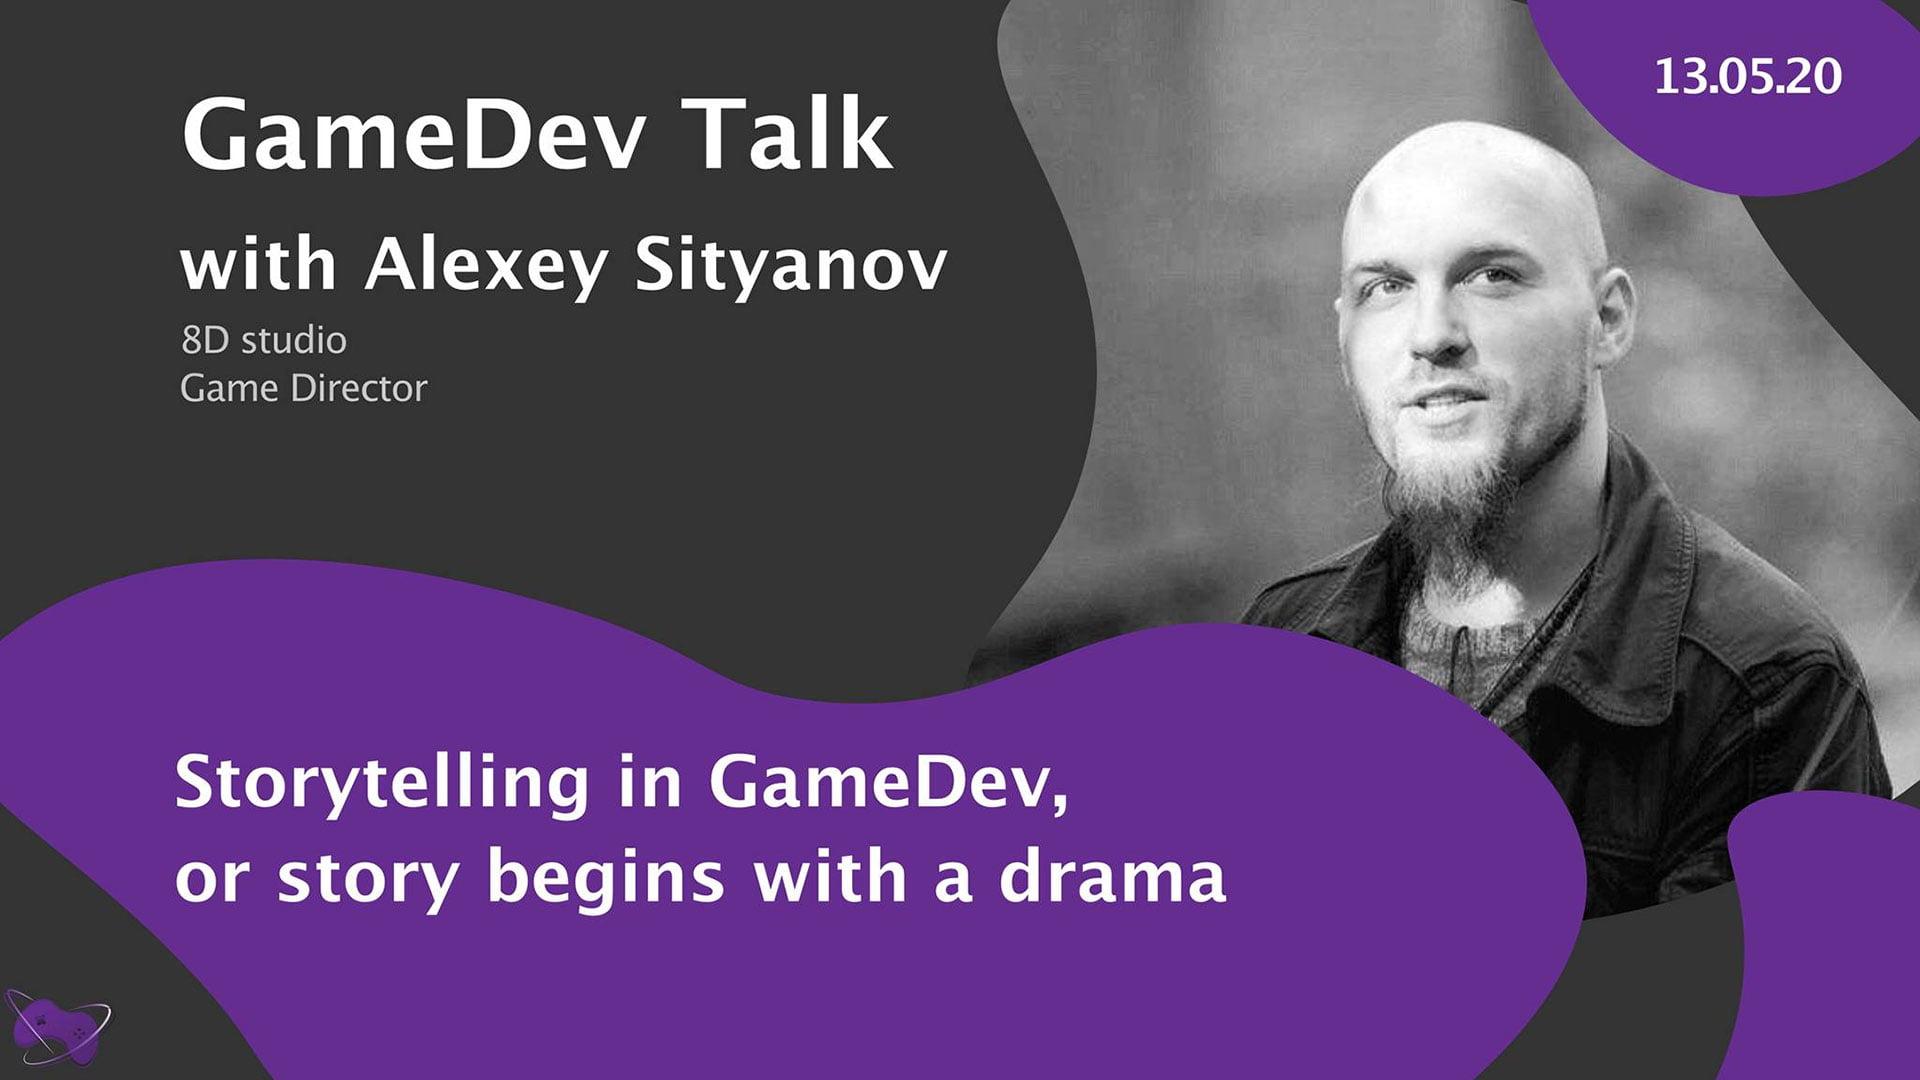 Сторітелінг в геймдеві, або історія починається з драми. Онлайн-вебінари від Ukrainian GameDev Nation